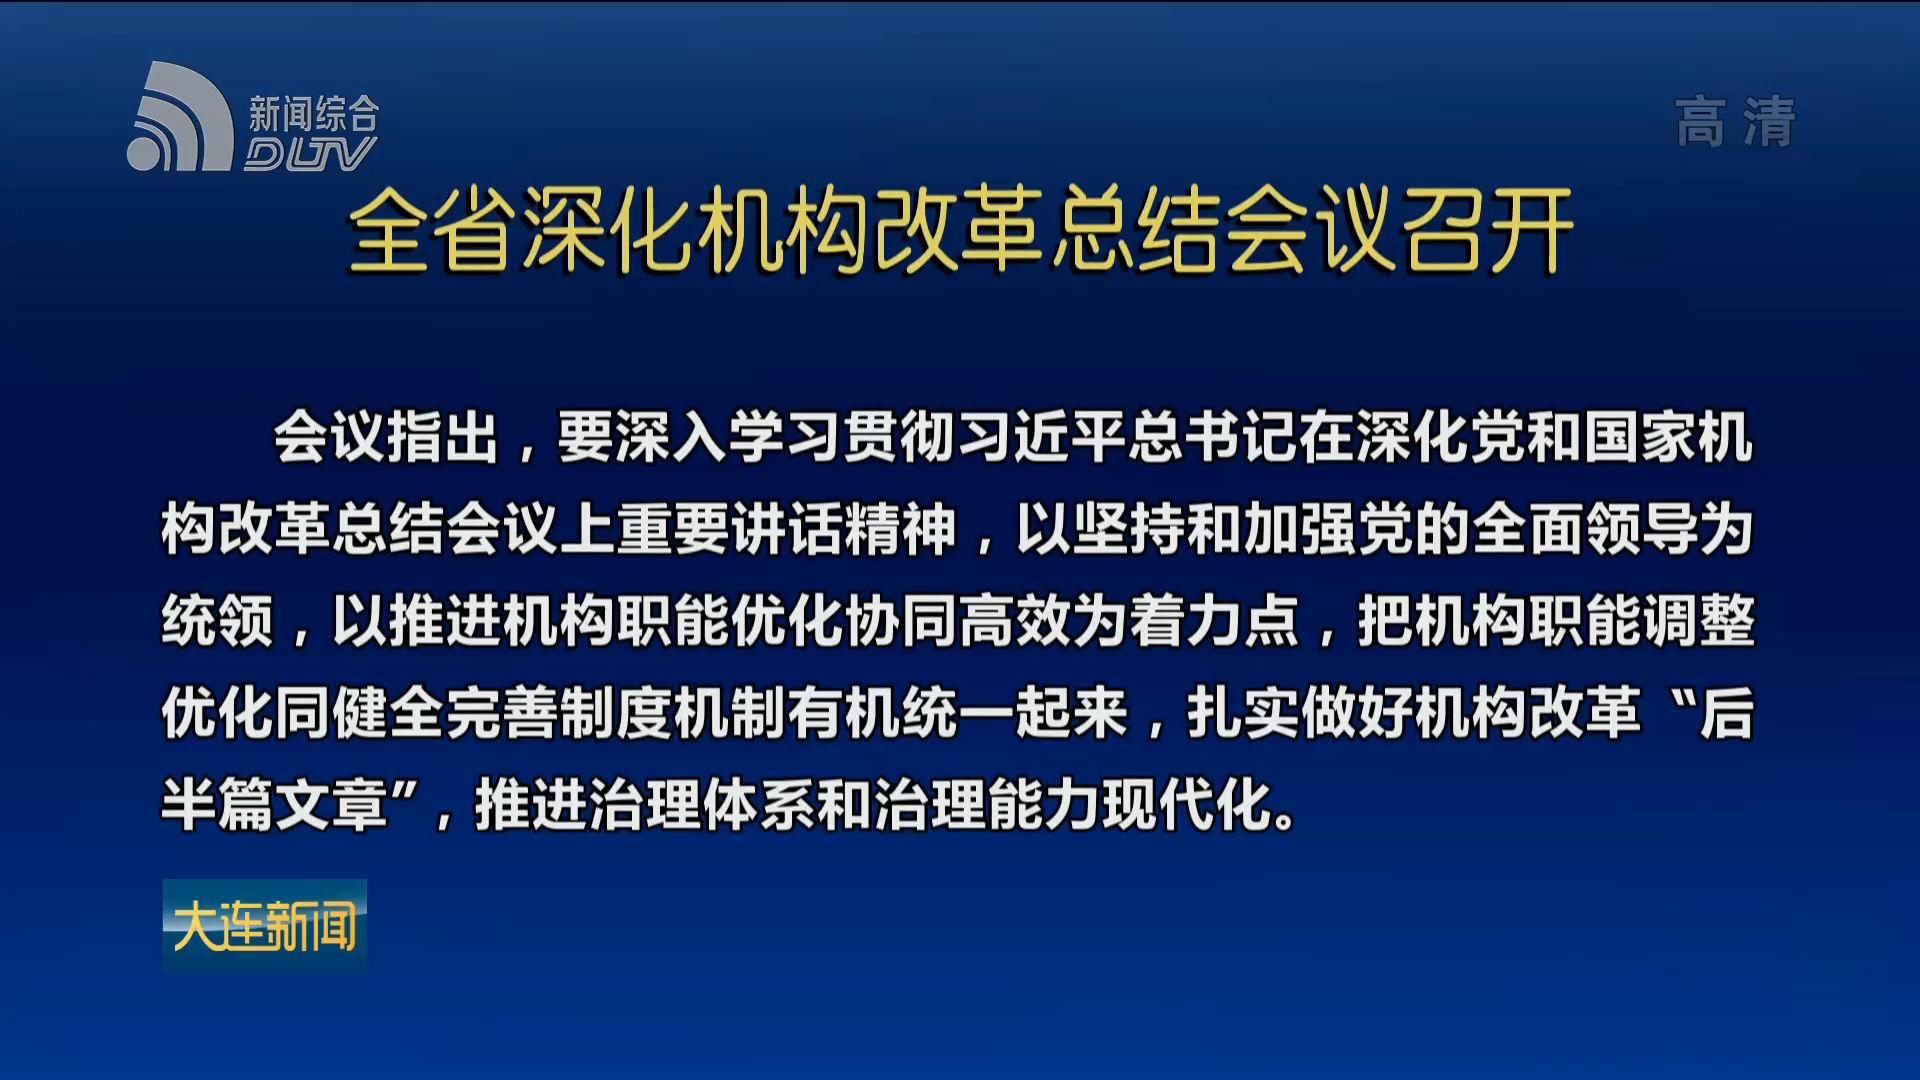 全省深化機構改革總結會議召開